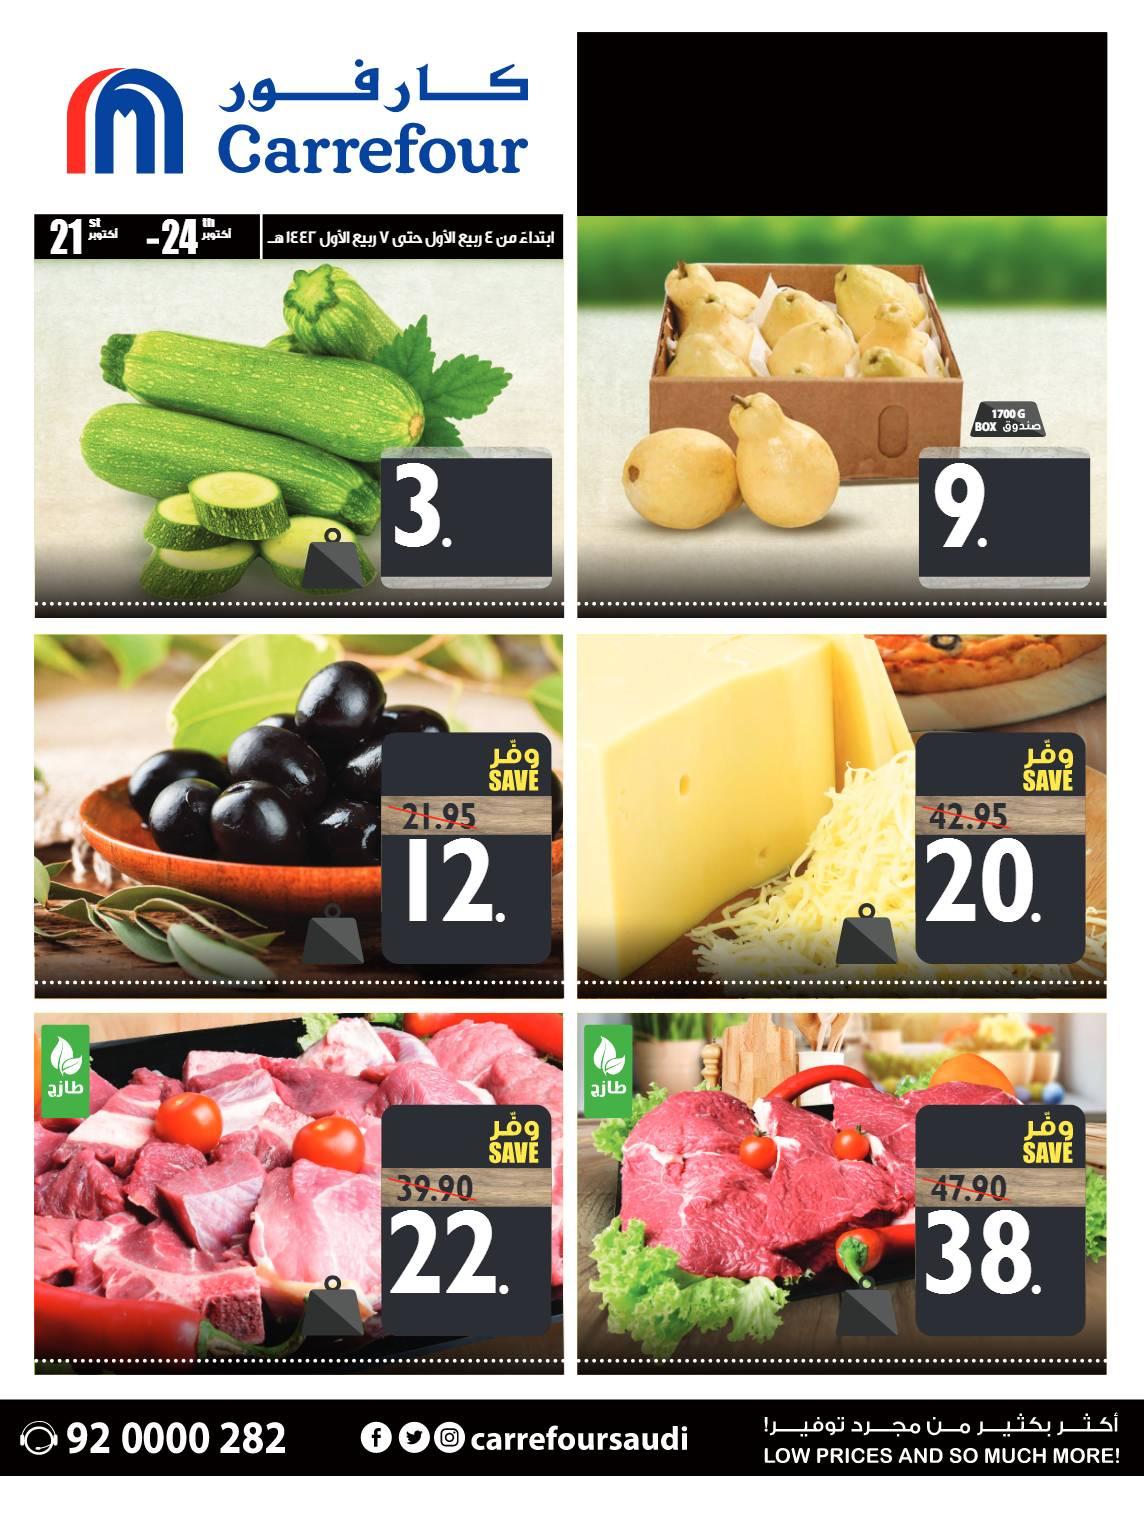 عروض كارفور جدة المدينة المنورة الاربعاء 21 10 2020 لمدة 4 ايام عروض اليوم Vegetables Carrefour Food